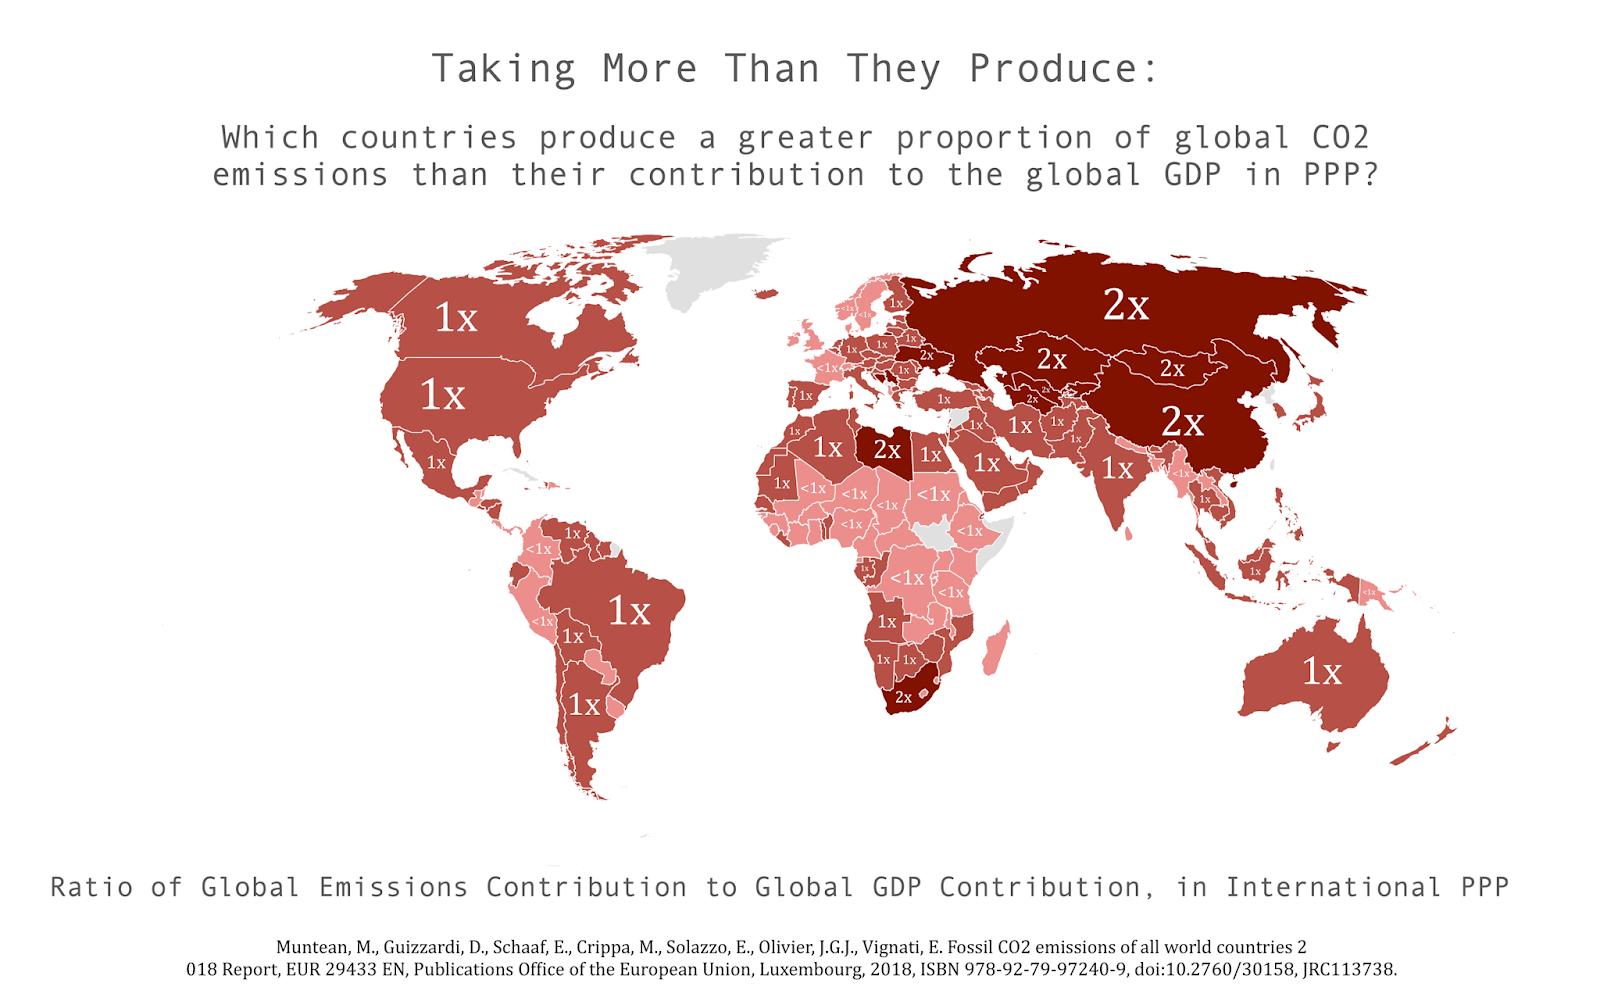 Выбросы CO2 относительно вклада стран в мировой ВВП на душу населения